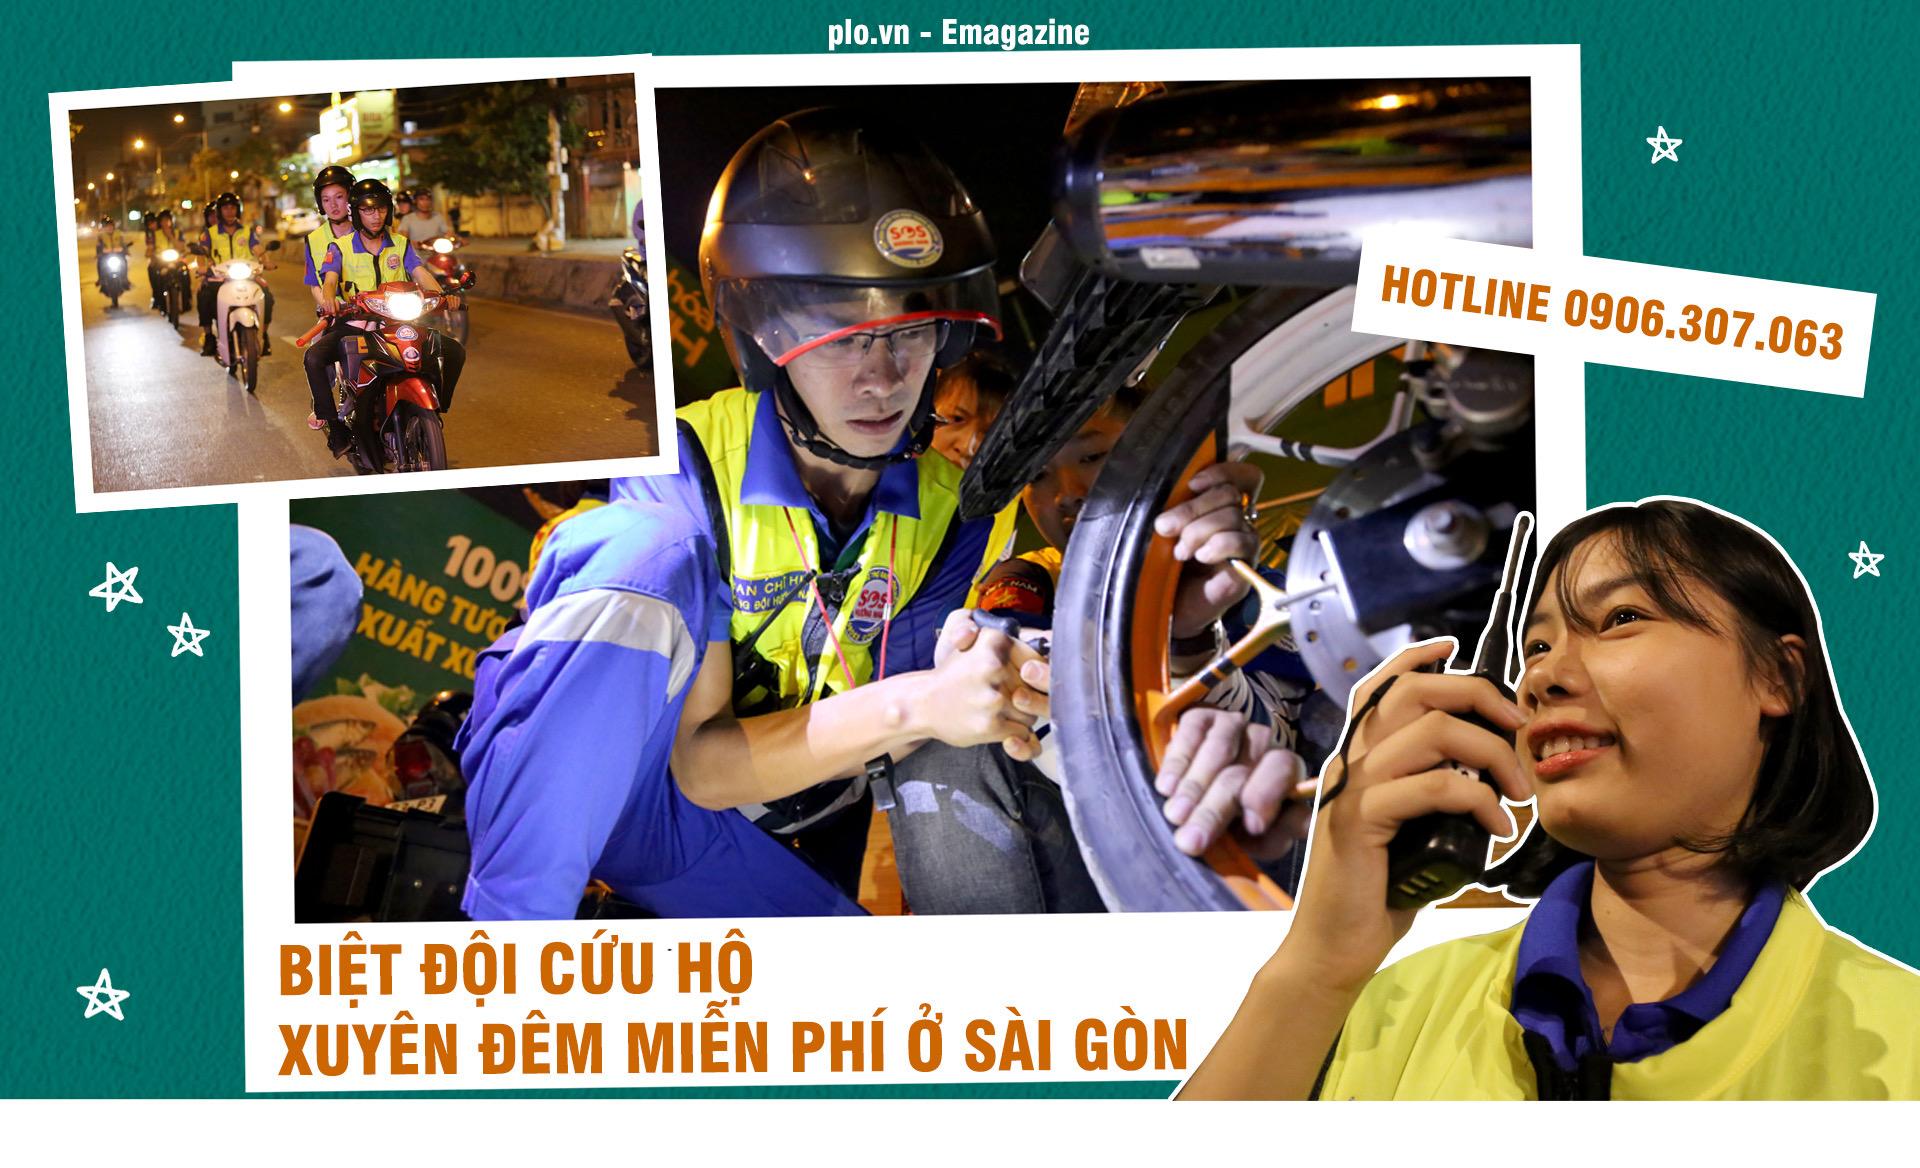 Biệt đội cứu hộ xuyên đêm miễn phí ở Sài Gòn